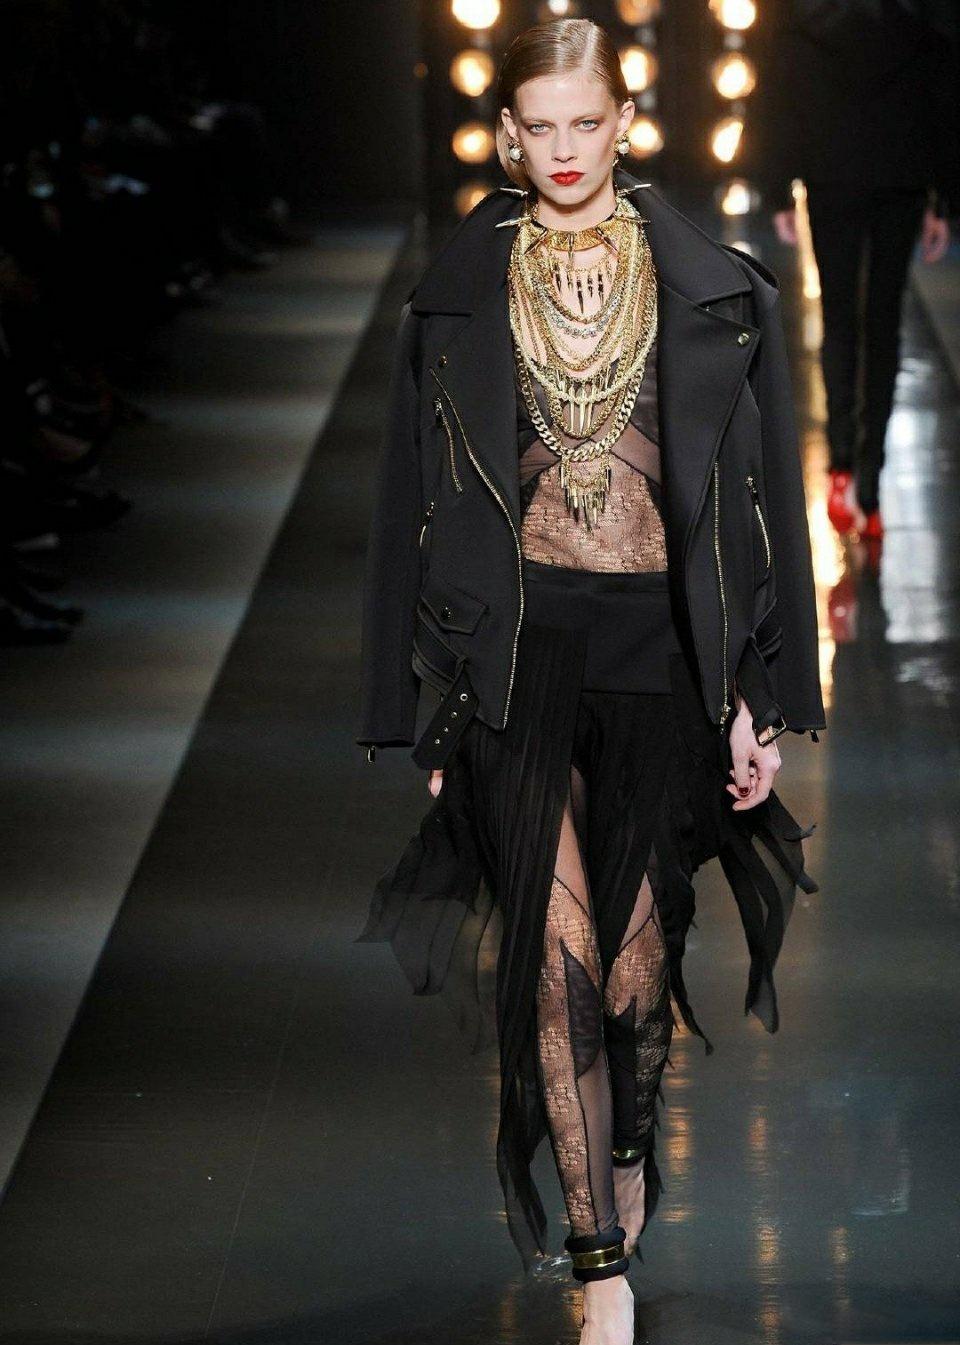 酷飒礼裙利落的线条和完美的工艺,愈发觉得性感魅惑